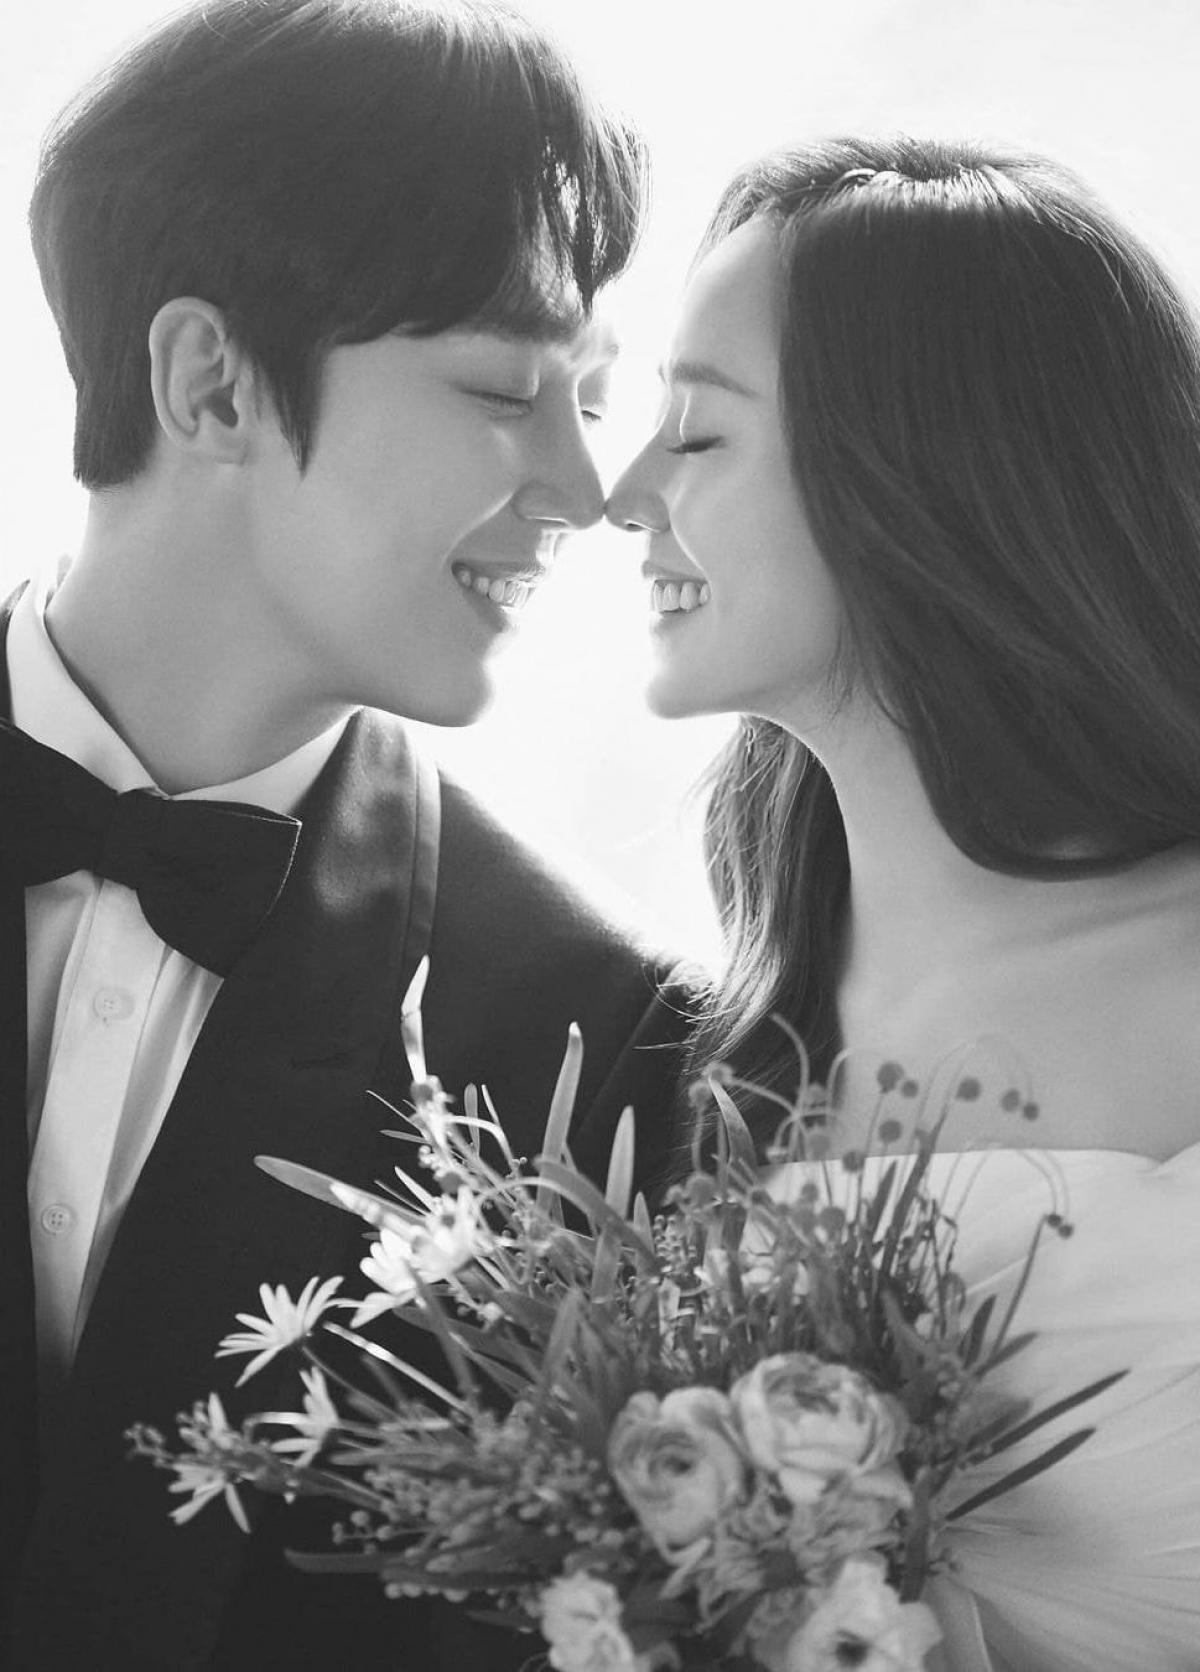 Loạt ảnh cưới của hai nhân vậtOh Yoon Hee và Ha Yoon Chul.